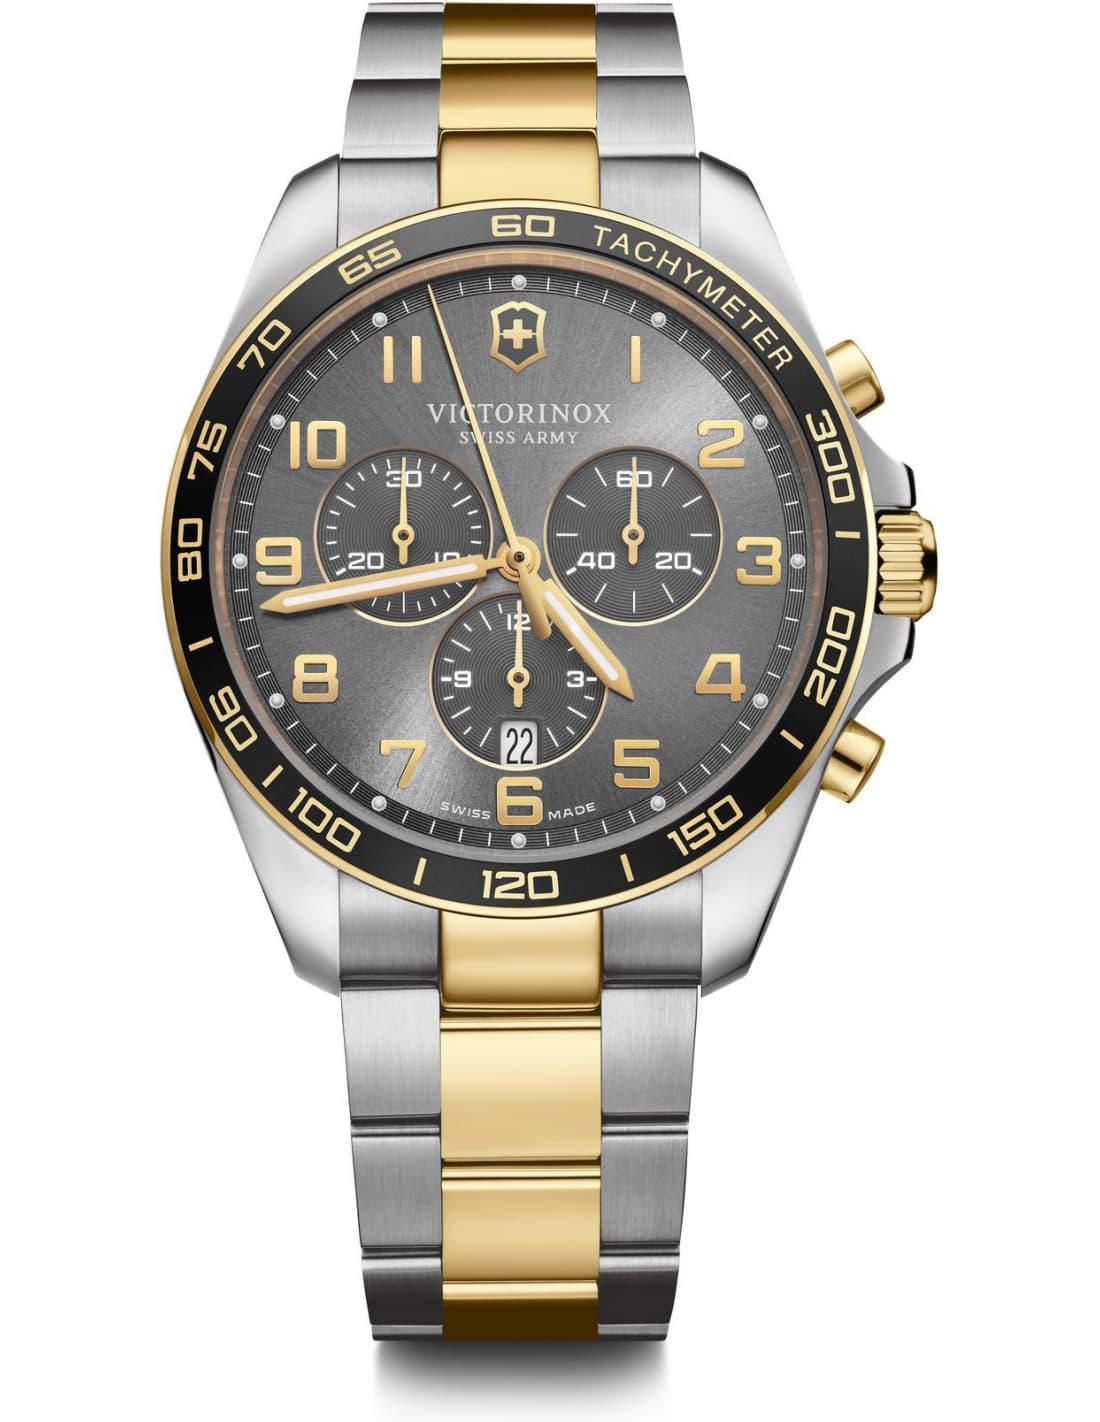 Relógio Victorinox Masculino Grafite - Fieldforce Classic Chronograph - 241902